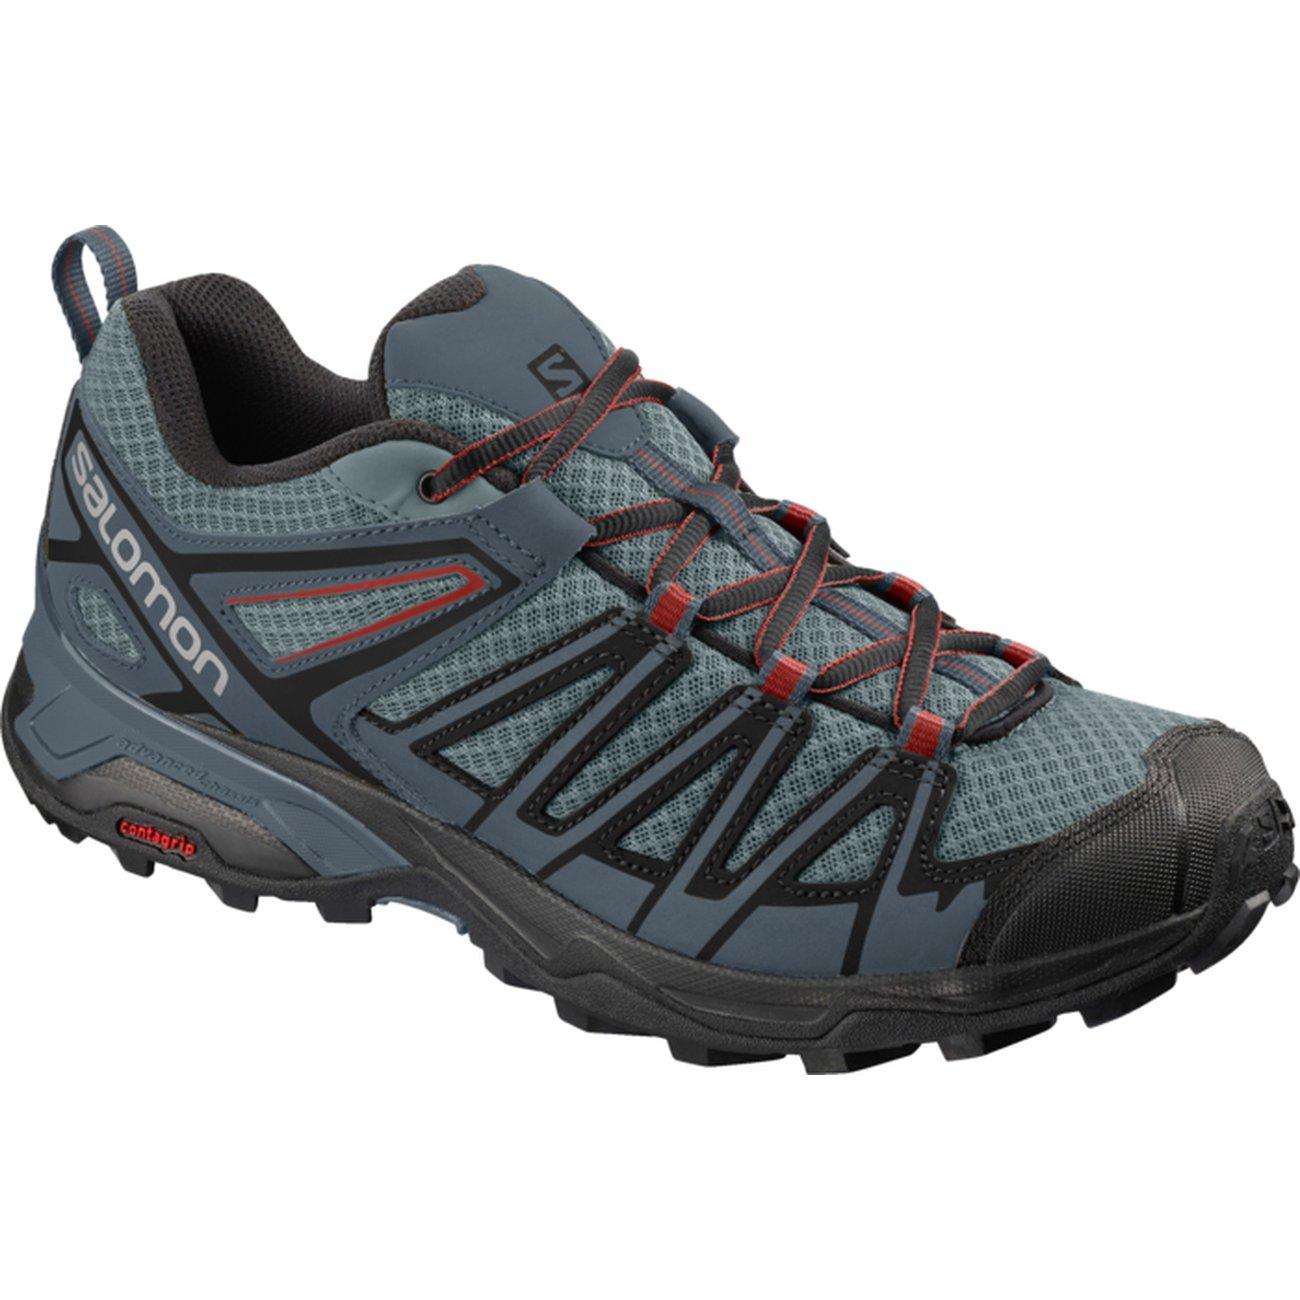 Chaussures de Randonnée Salomon X Ultra 3 Prime - Tailles au choix